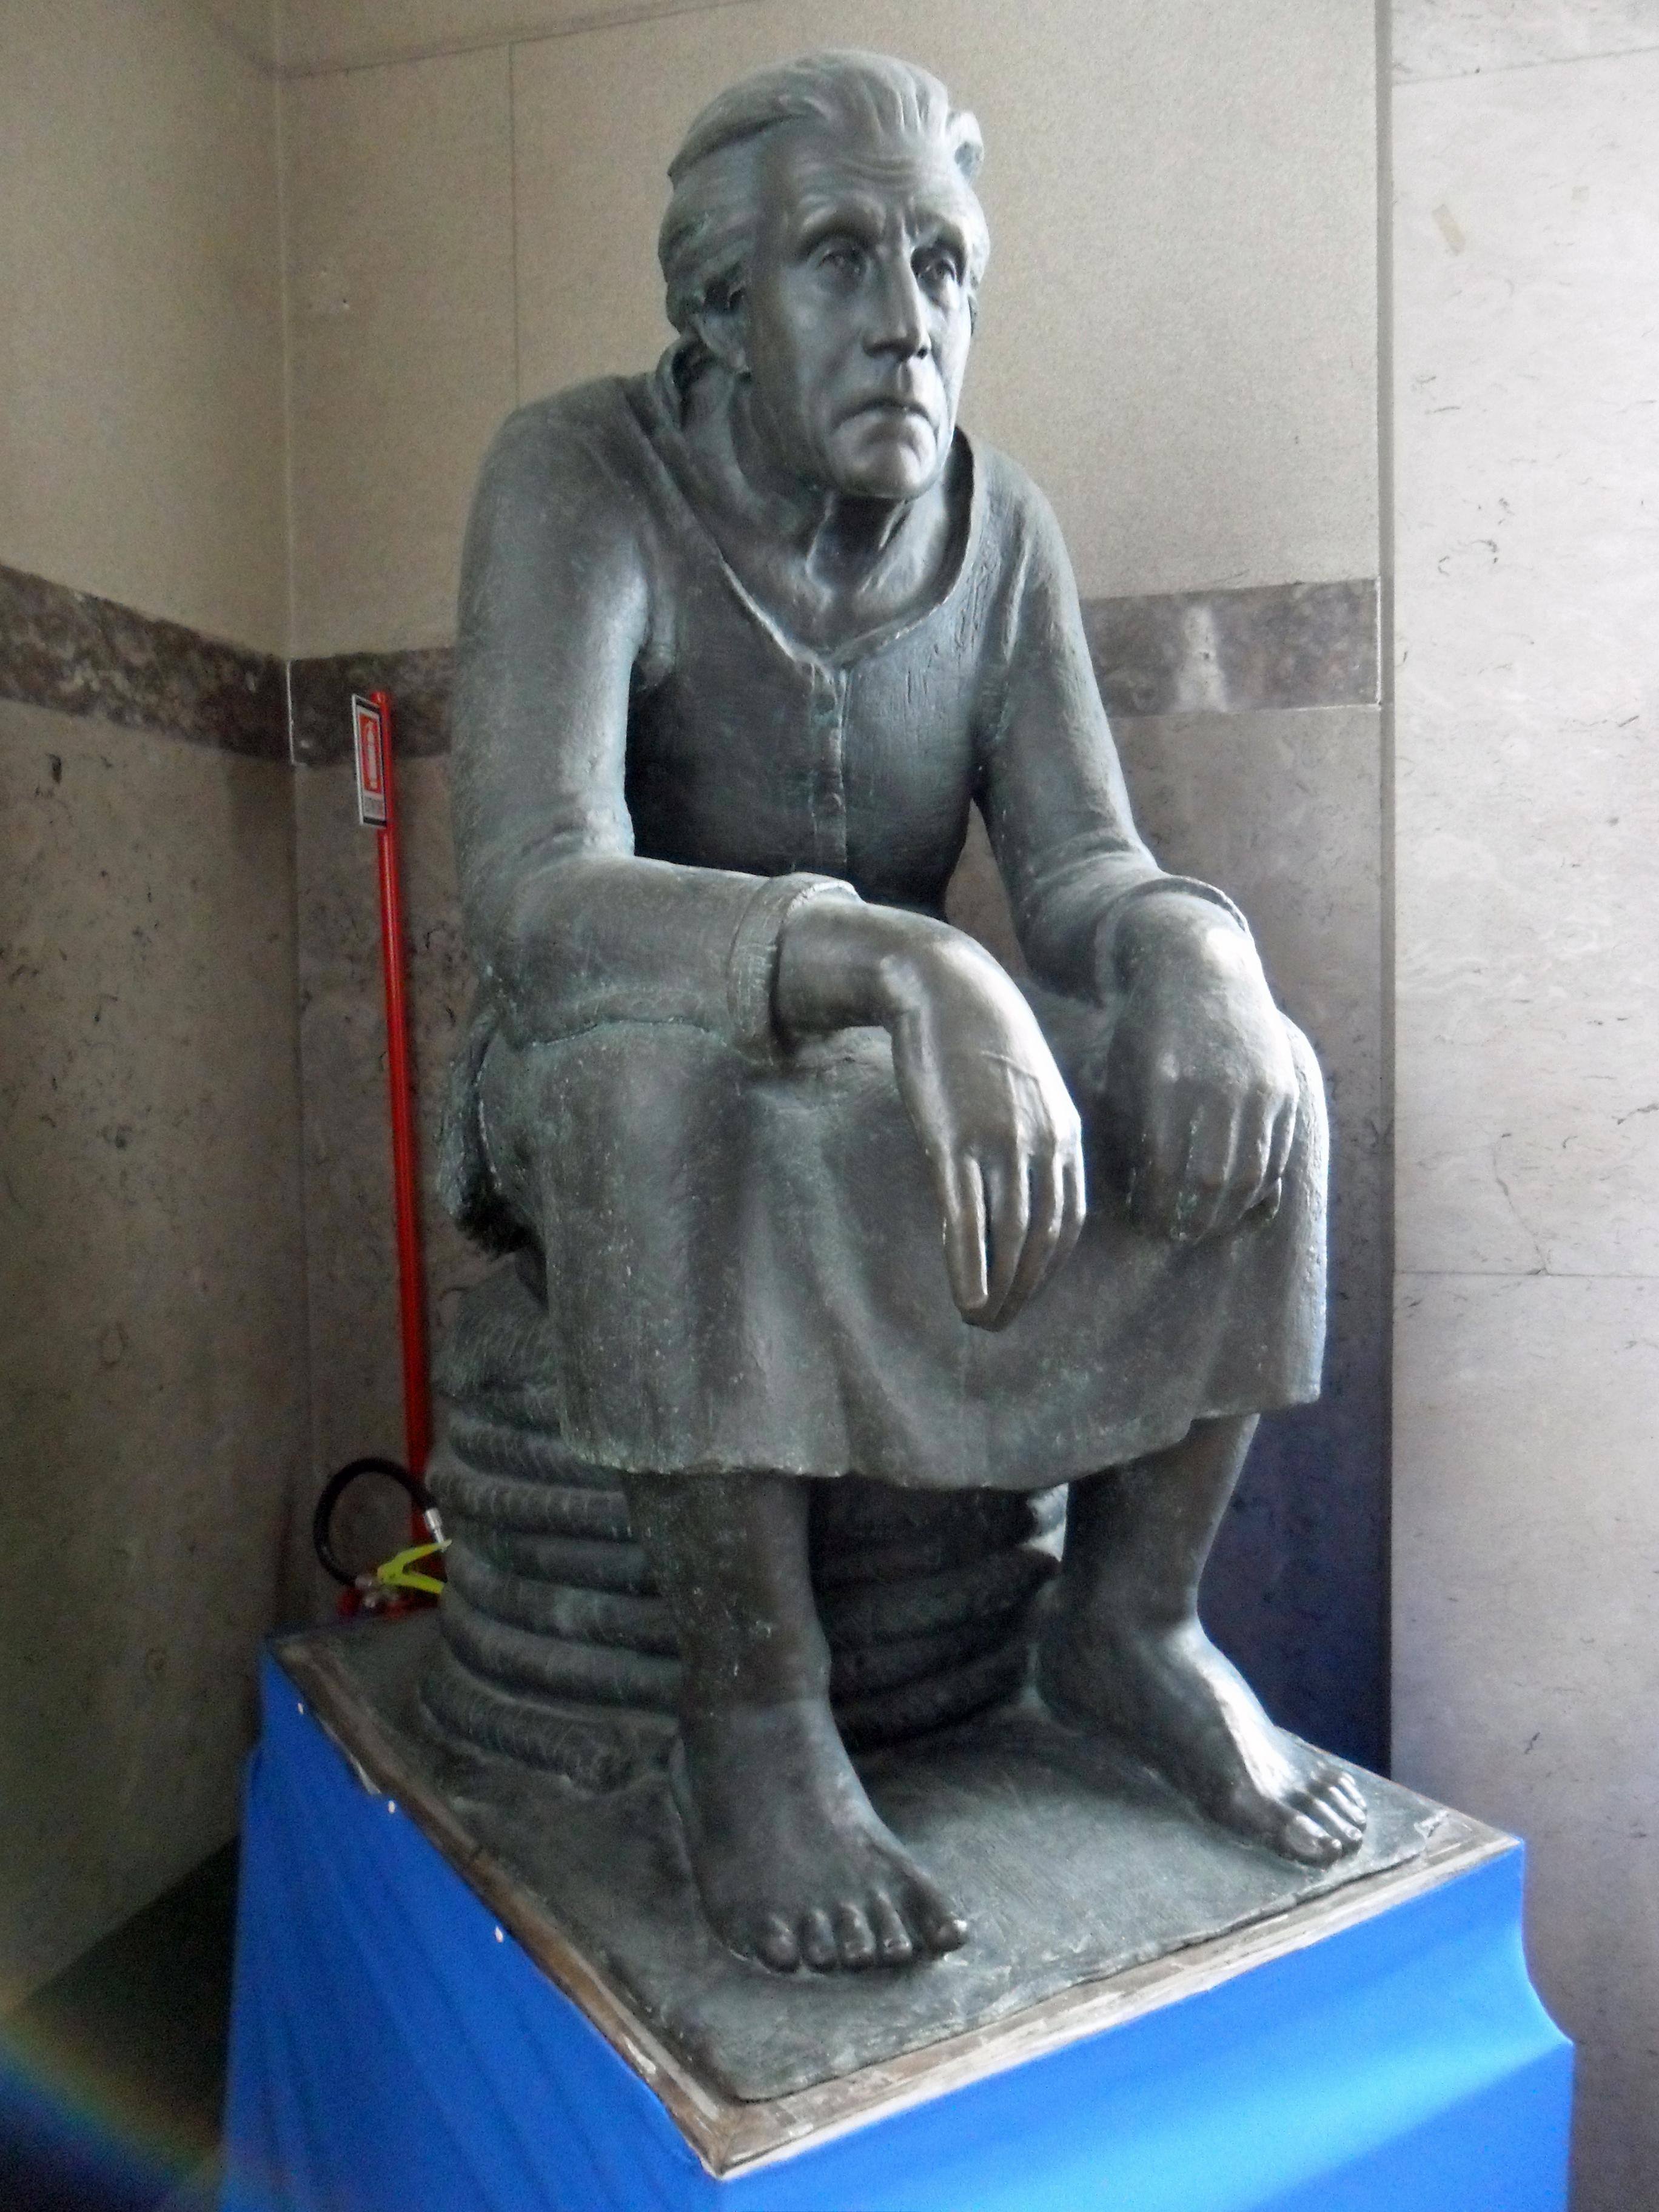 Grazia La marinara - statua di Vicentino Michetti